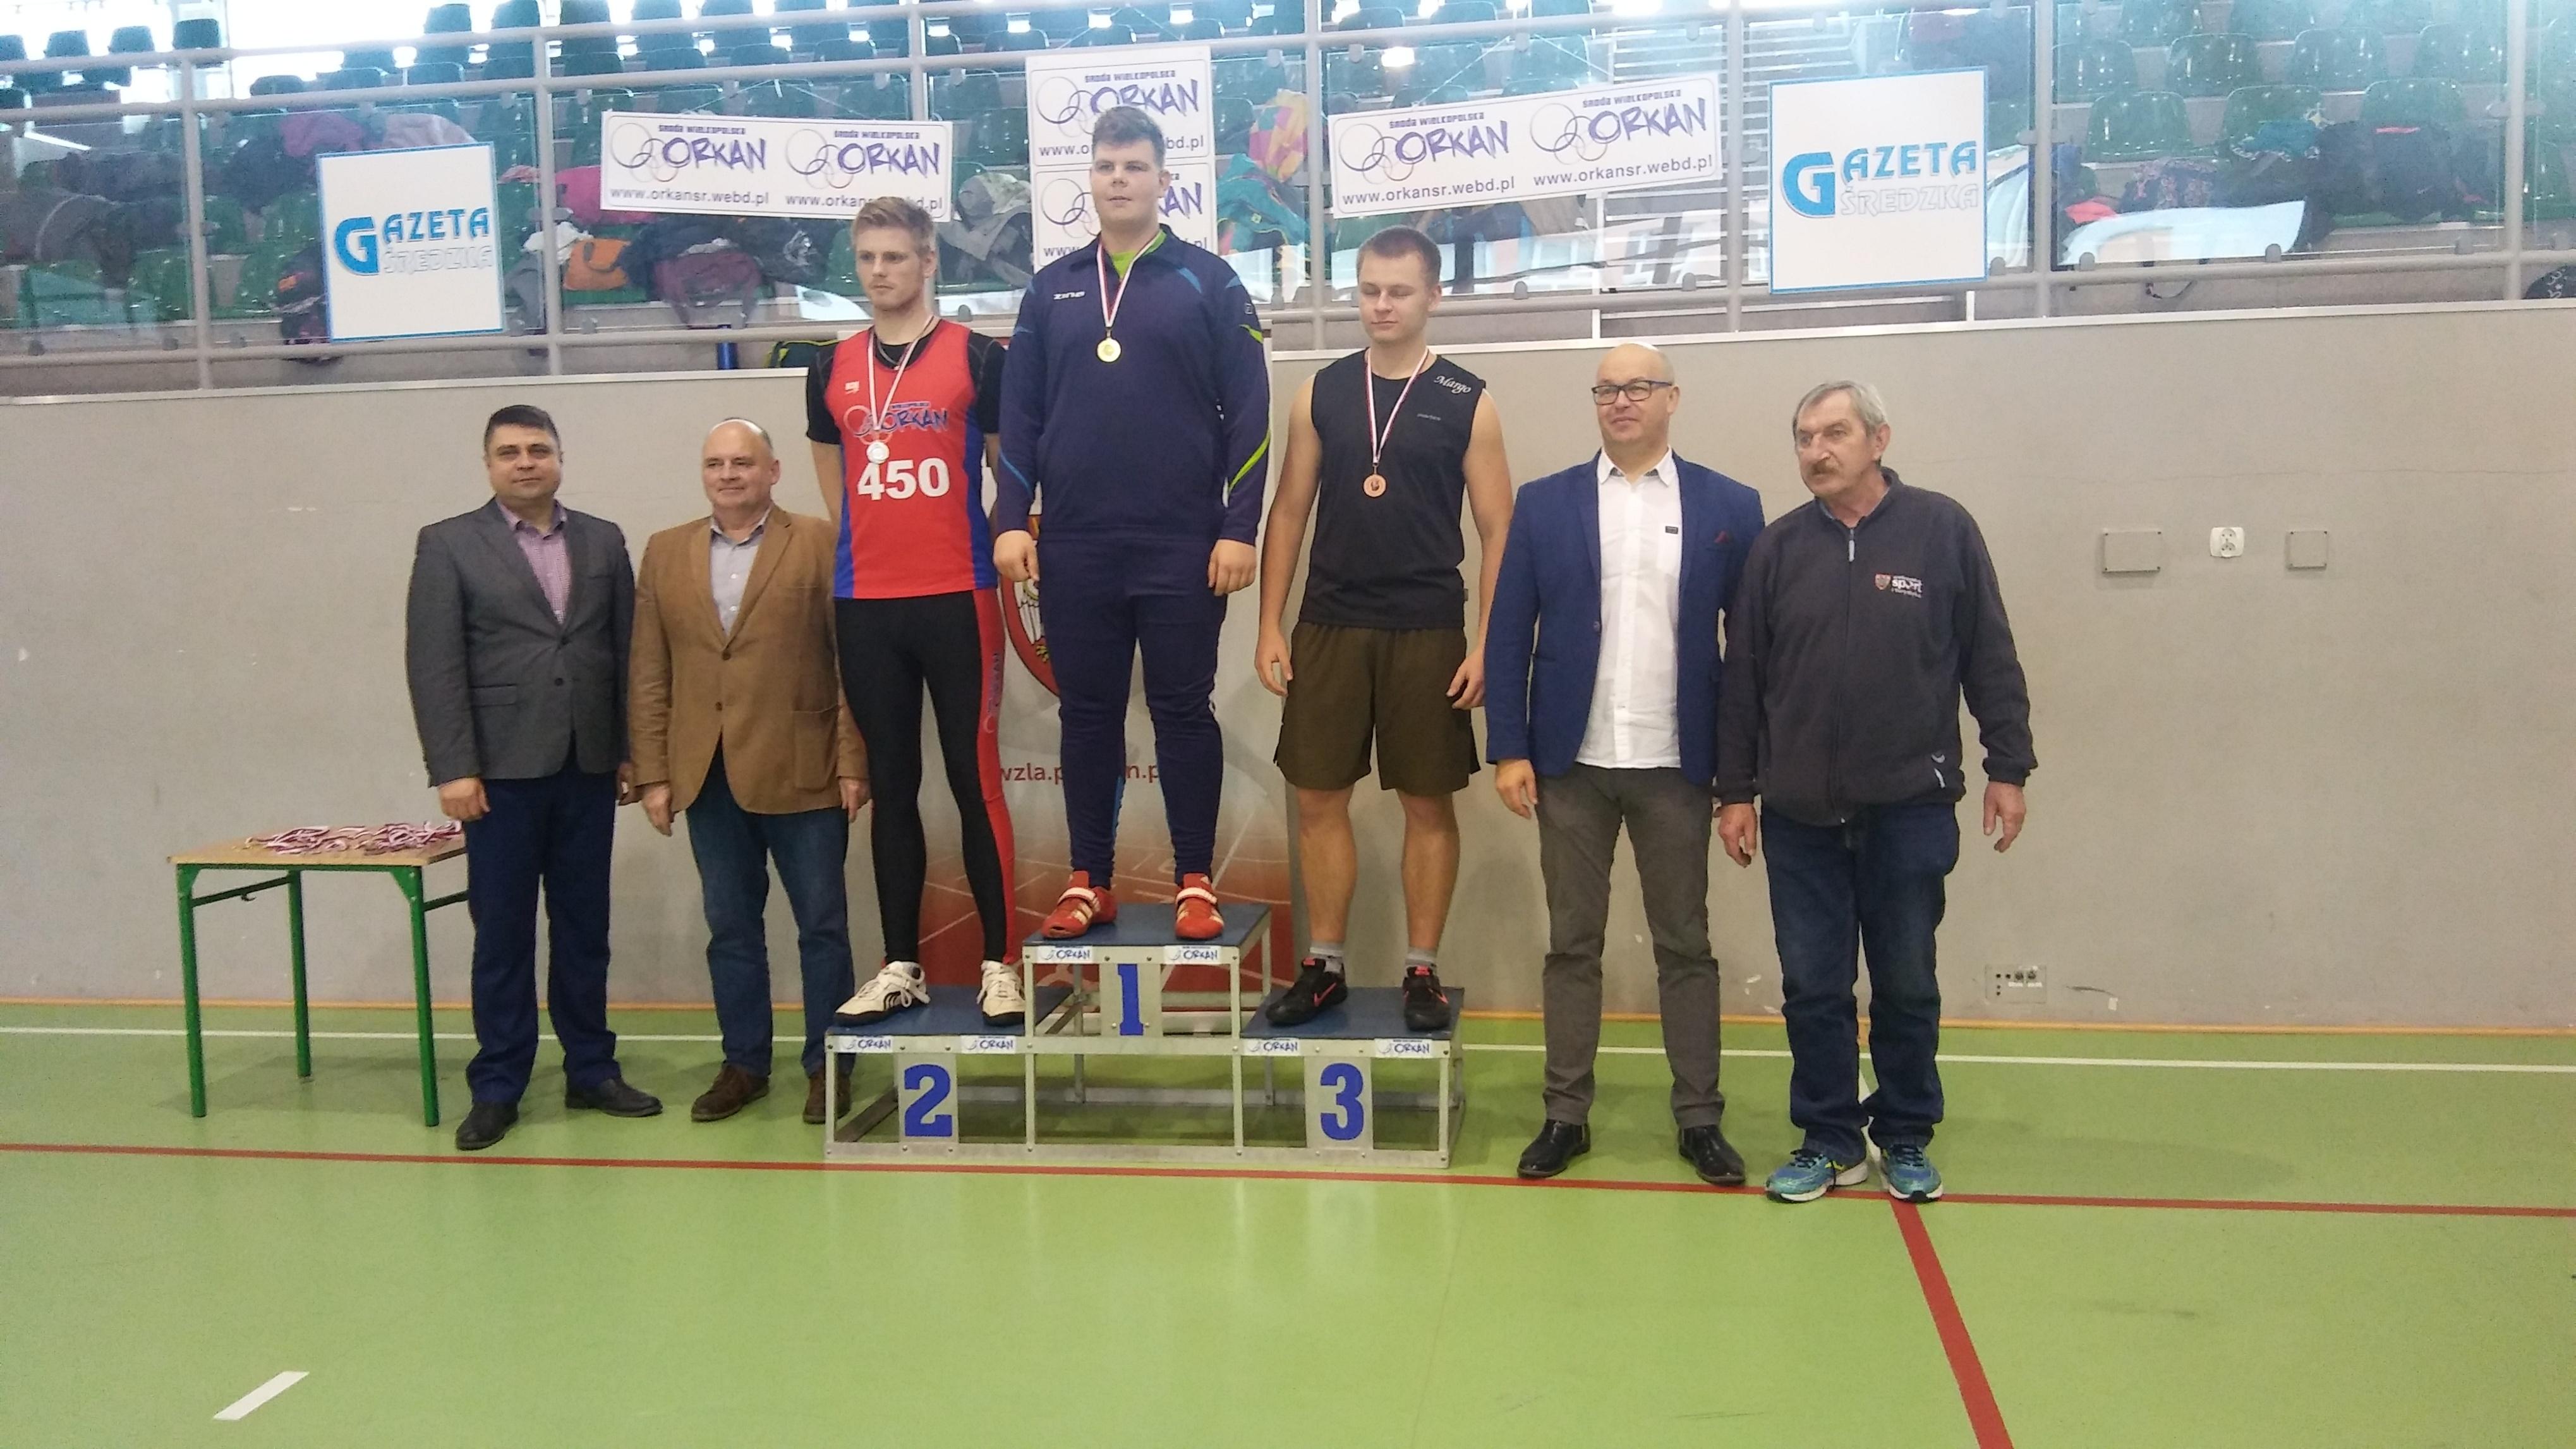 U20: 1m. Przybyłek Łukasz 2m. Wojtuś Mikołaj 3m. Smolarek Krzysztof